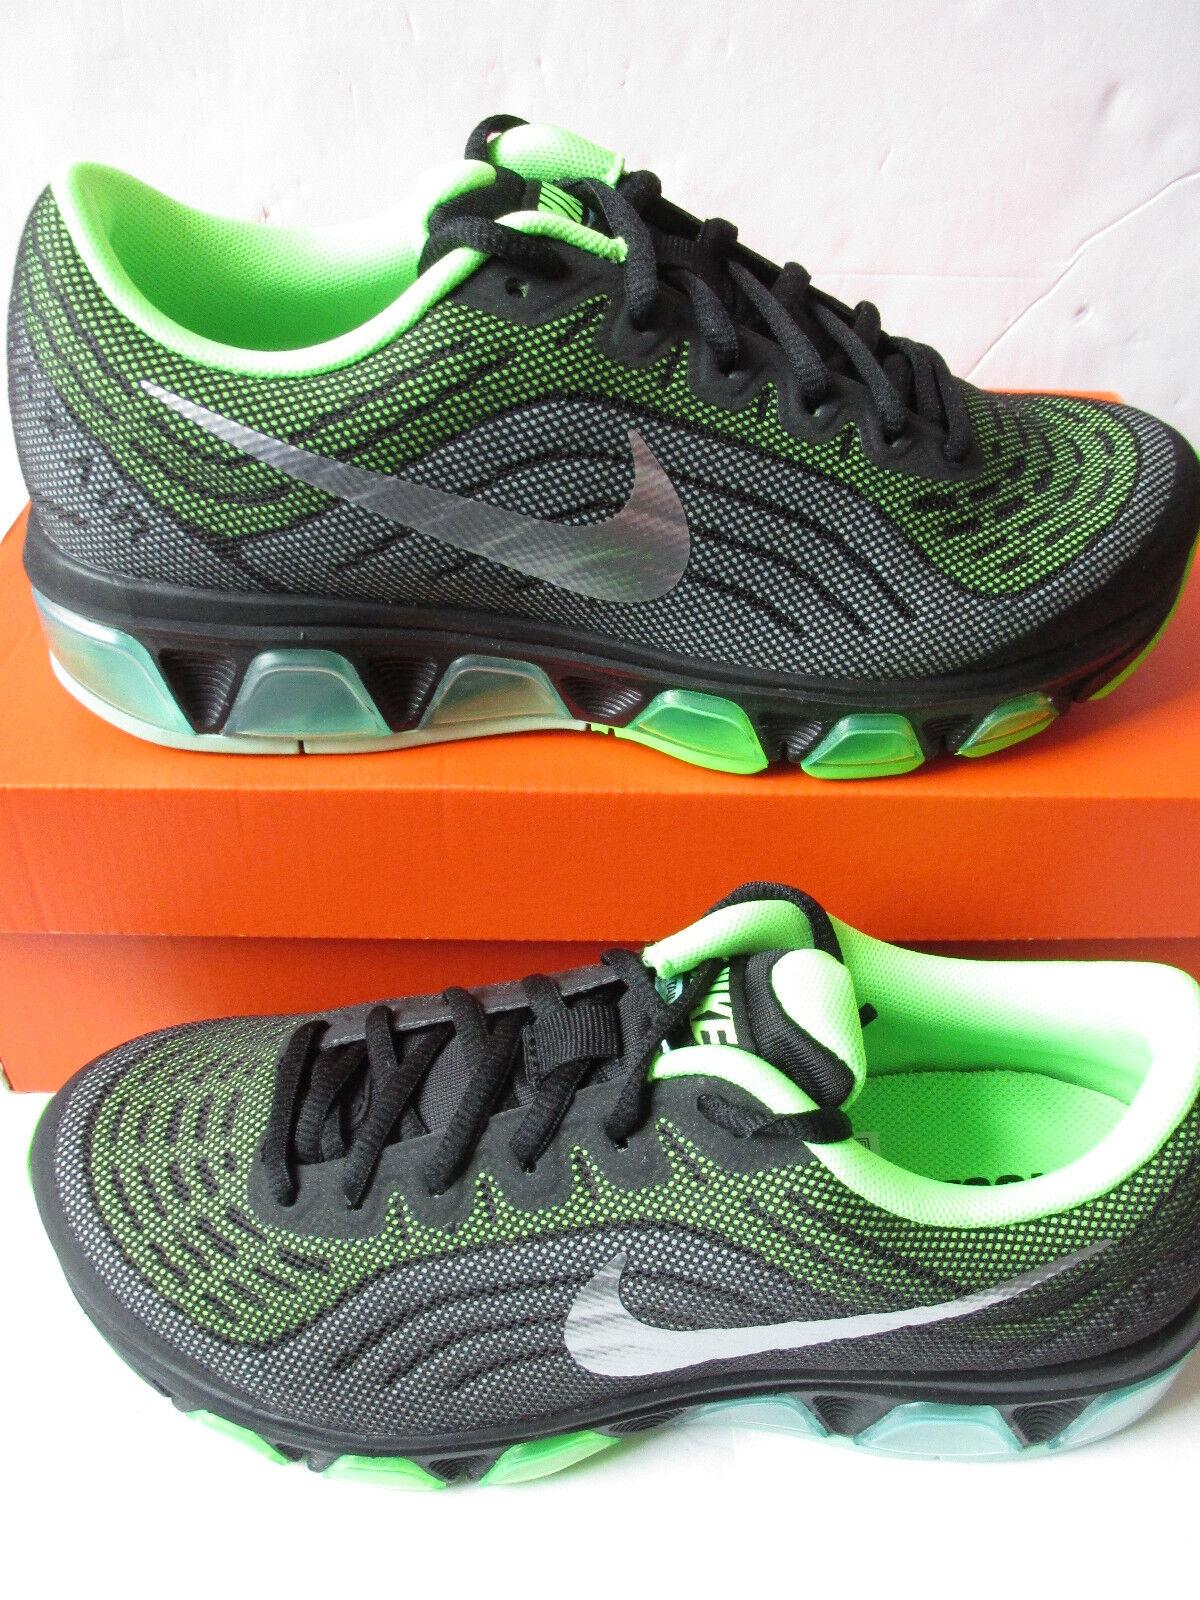 Nike Donna Air Max Tailwind 6 Scarpe da Corsa 621226 621226 Corsa 001 Scarpe da Tennis 26f422